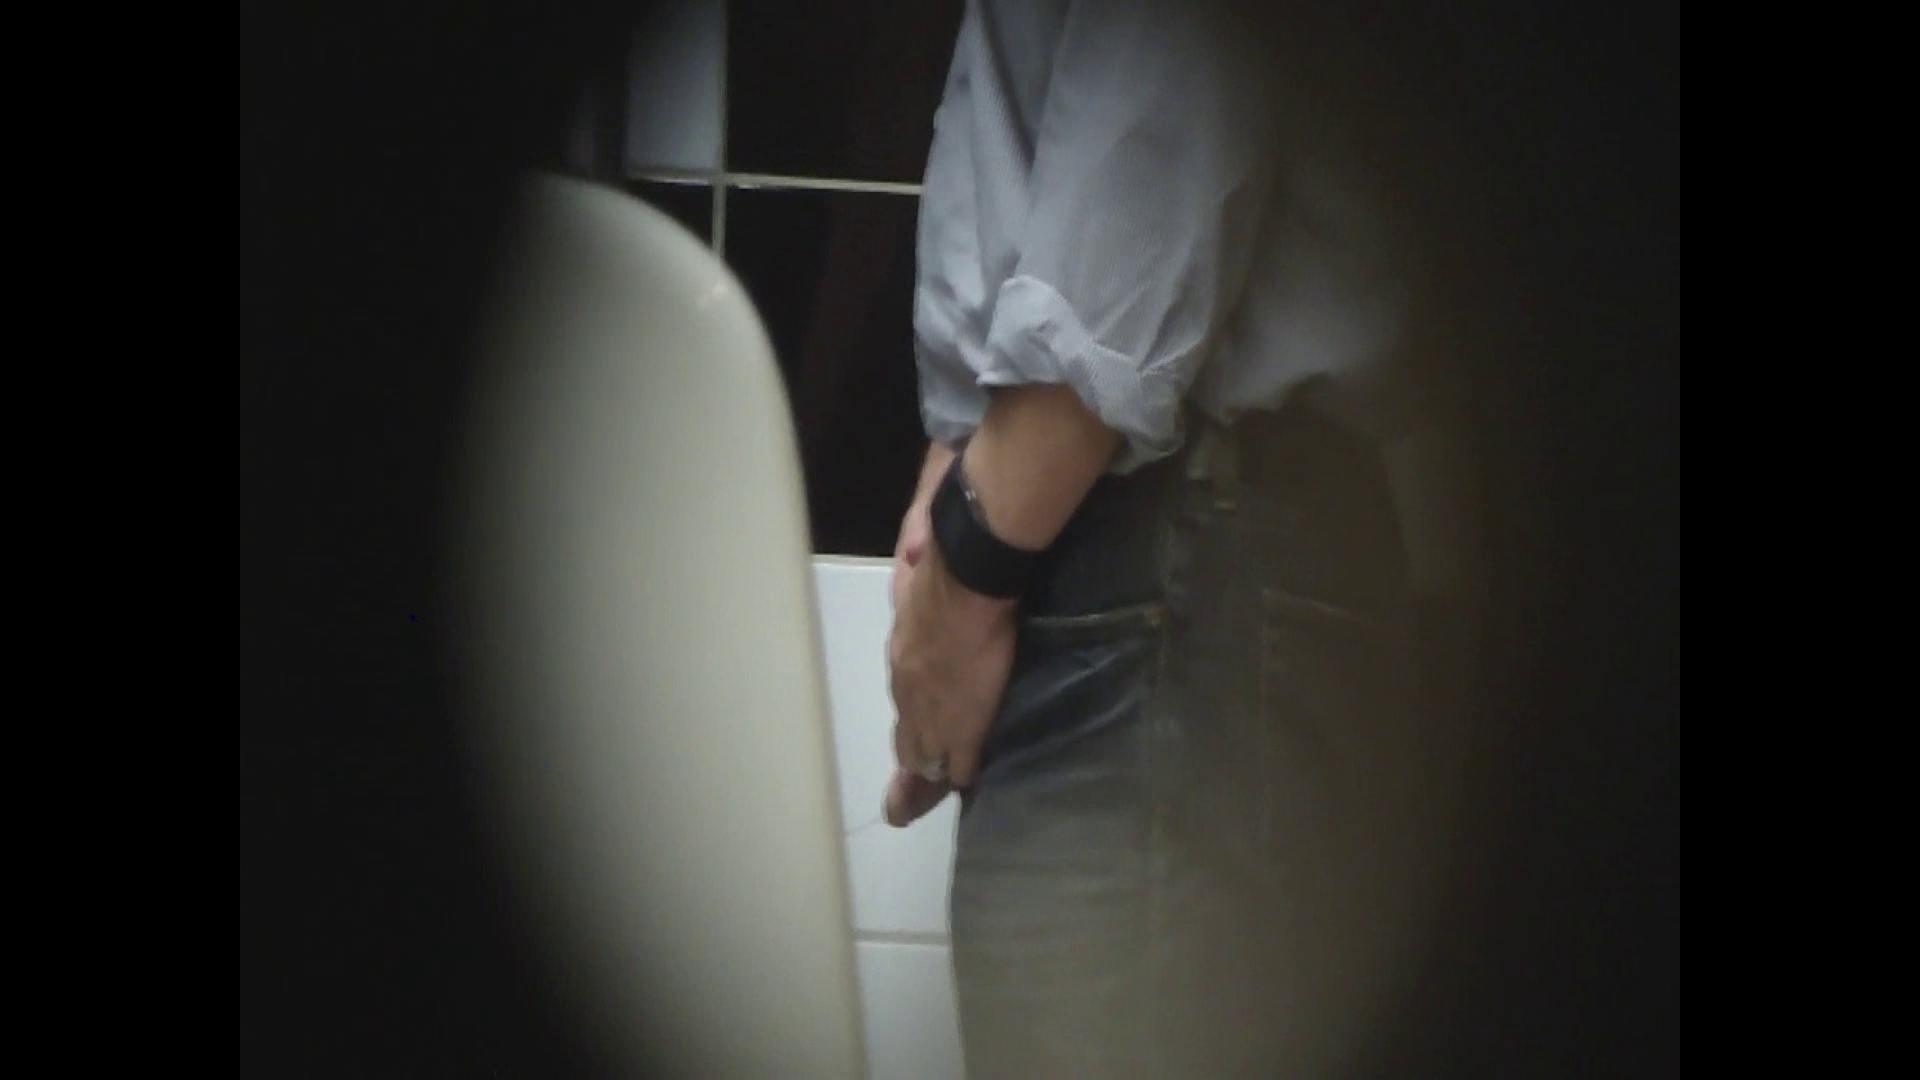 イケメンの素顔in洗面所 Vol.06 イケメンのゲイ達 | 0  109枚 95